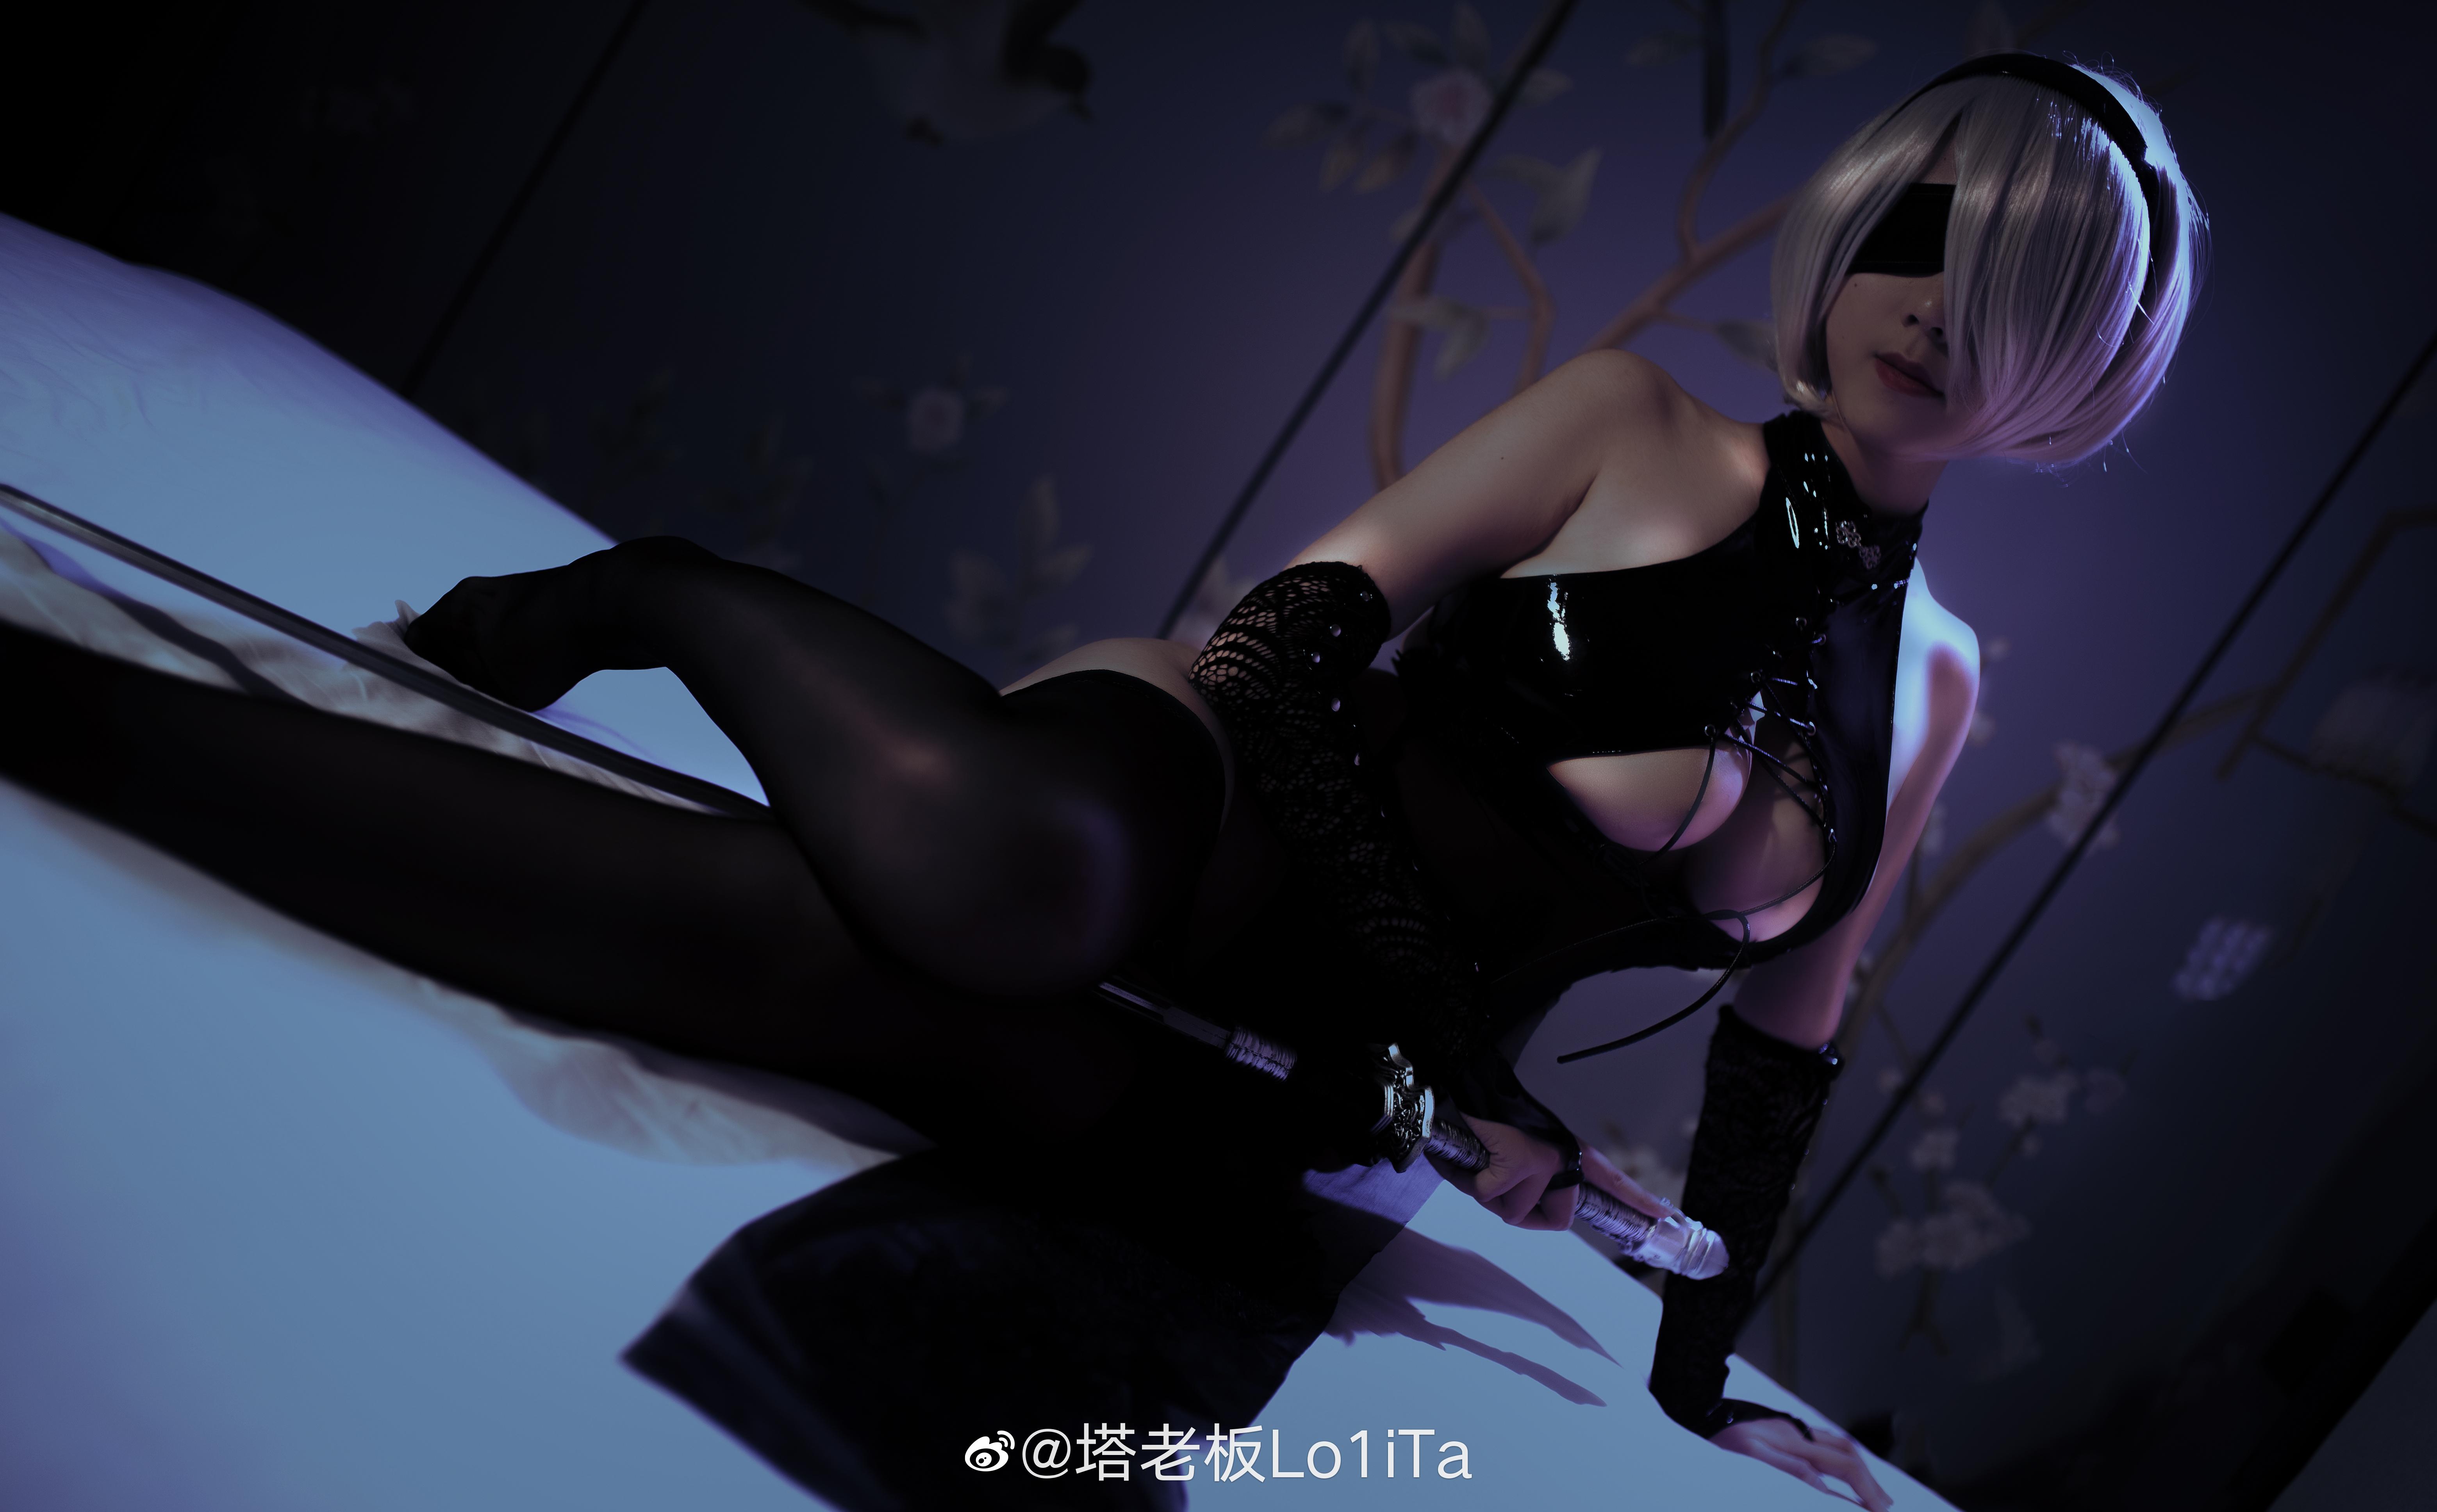 万圣节2b小姐姐也来凑个热闹(⁄ ⁄•⁄ω⁄•⁄ ⁄) Cosplay-第8张